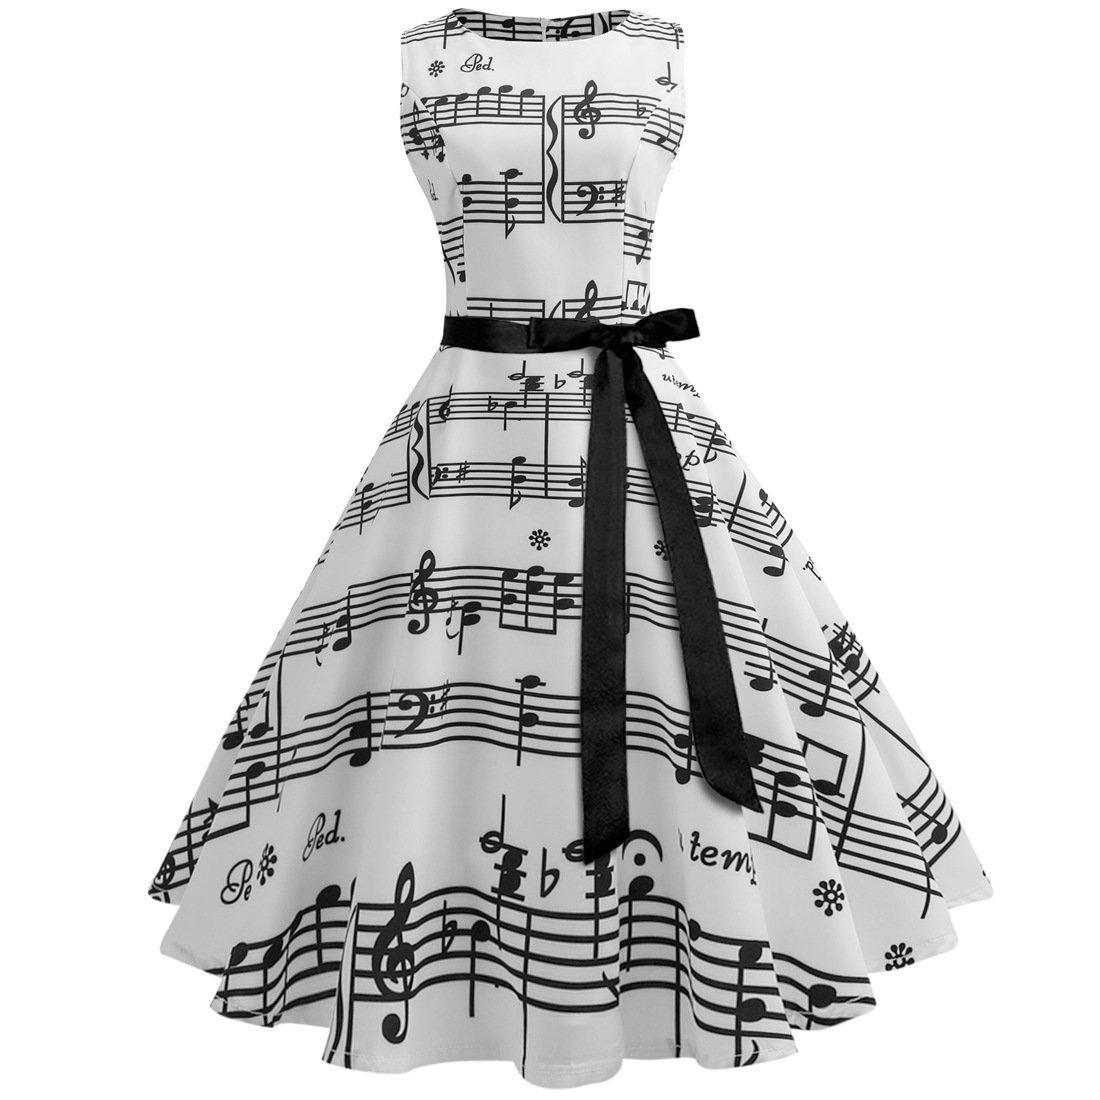 GAOLIM Feuer Noten Für Frauen Drucken Element Spitze Taille Kleid, 4Xl, Weiß Weiß